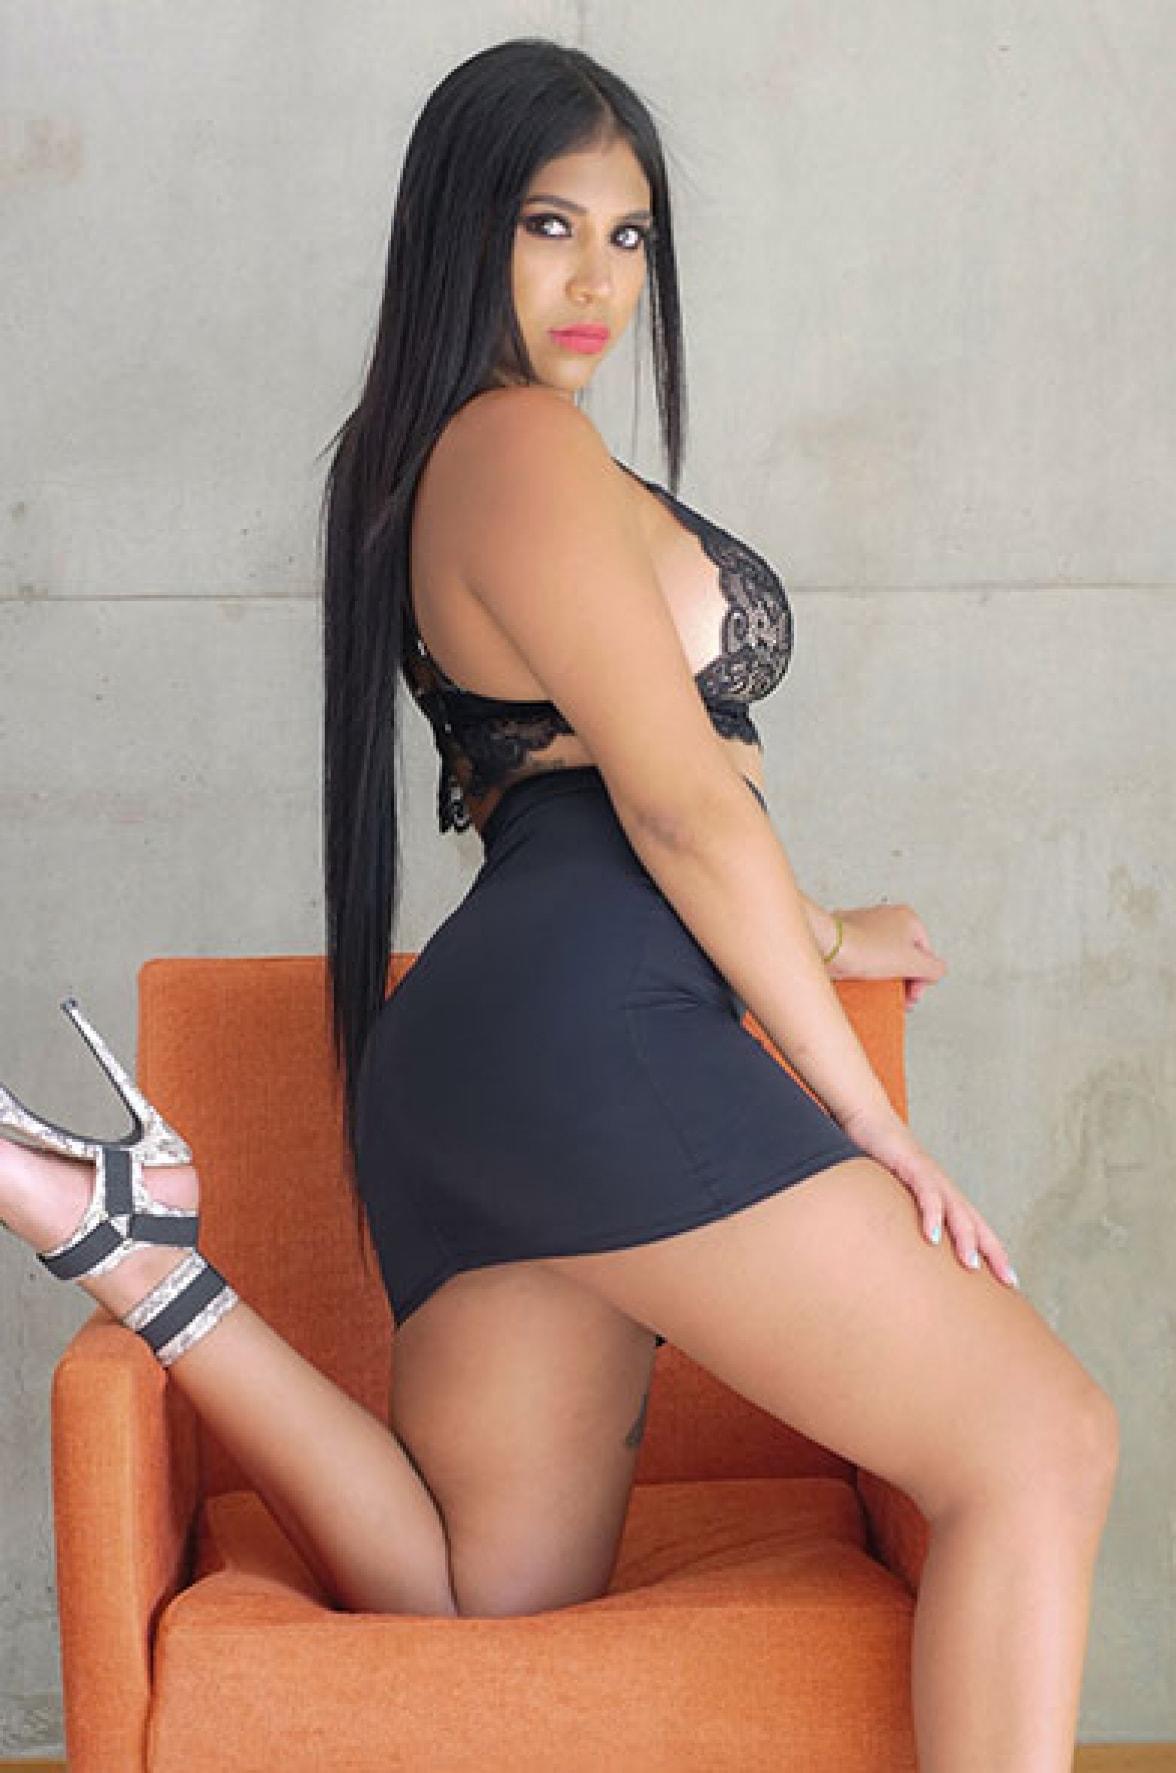 Peliculas porno sexmex latina Citah Porn Videos And Hq Photos Sexmex Pornstar